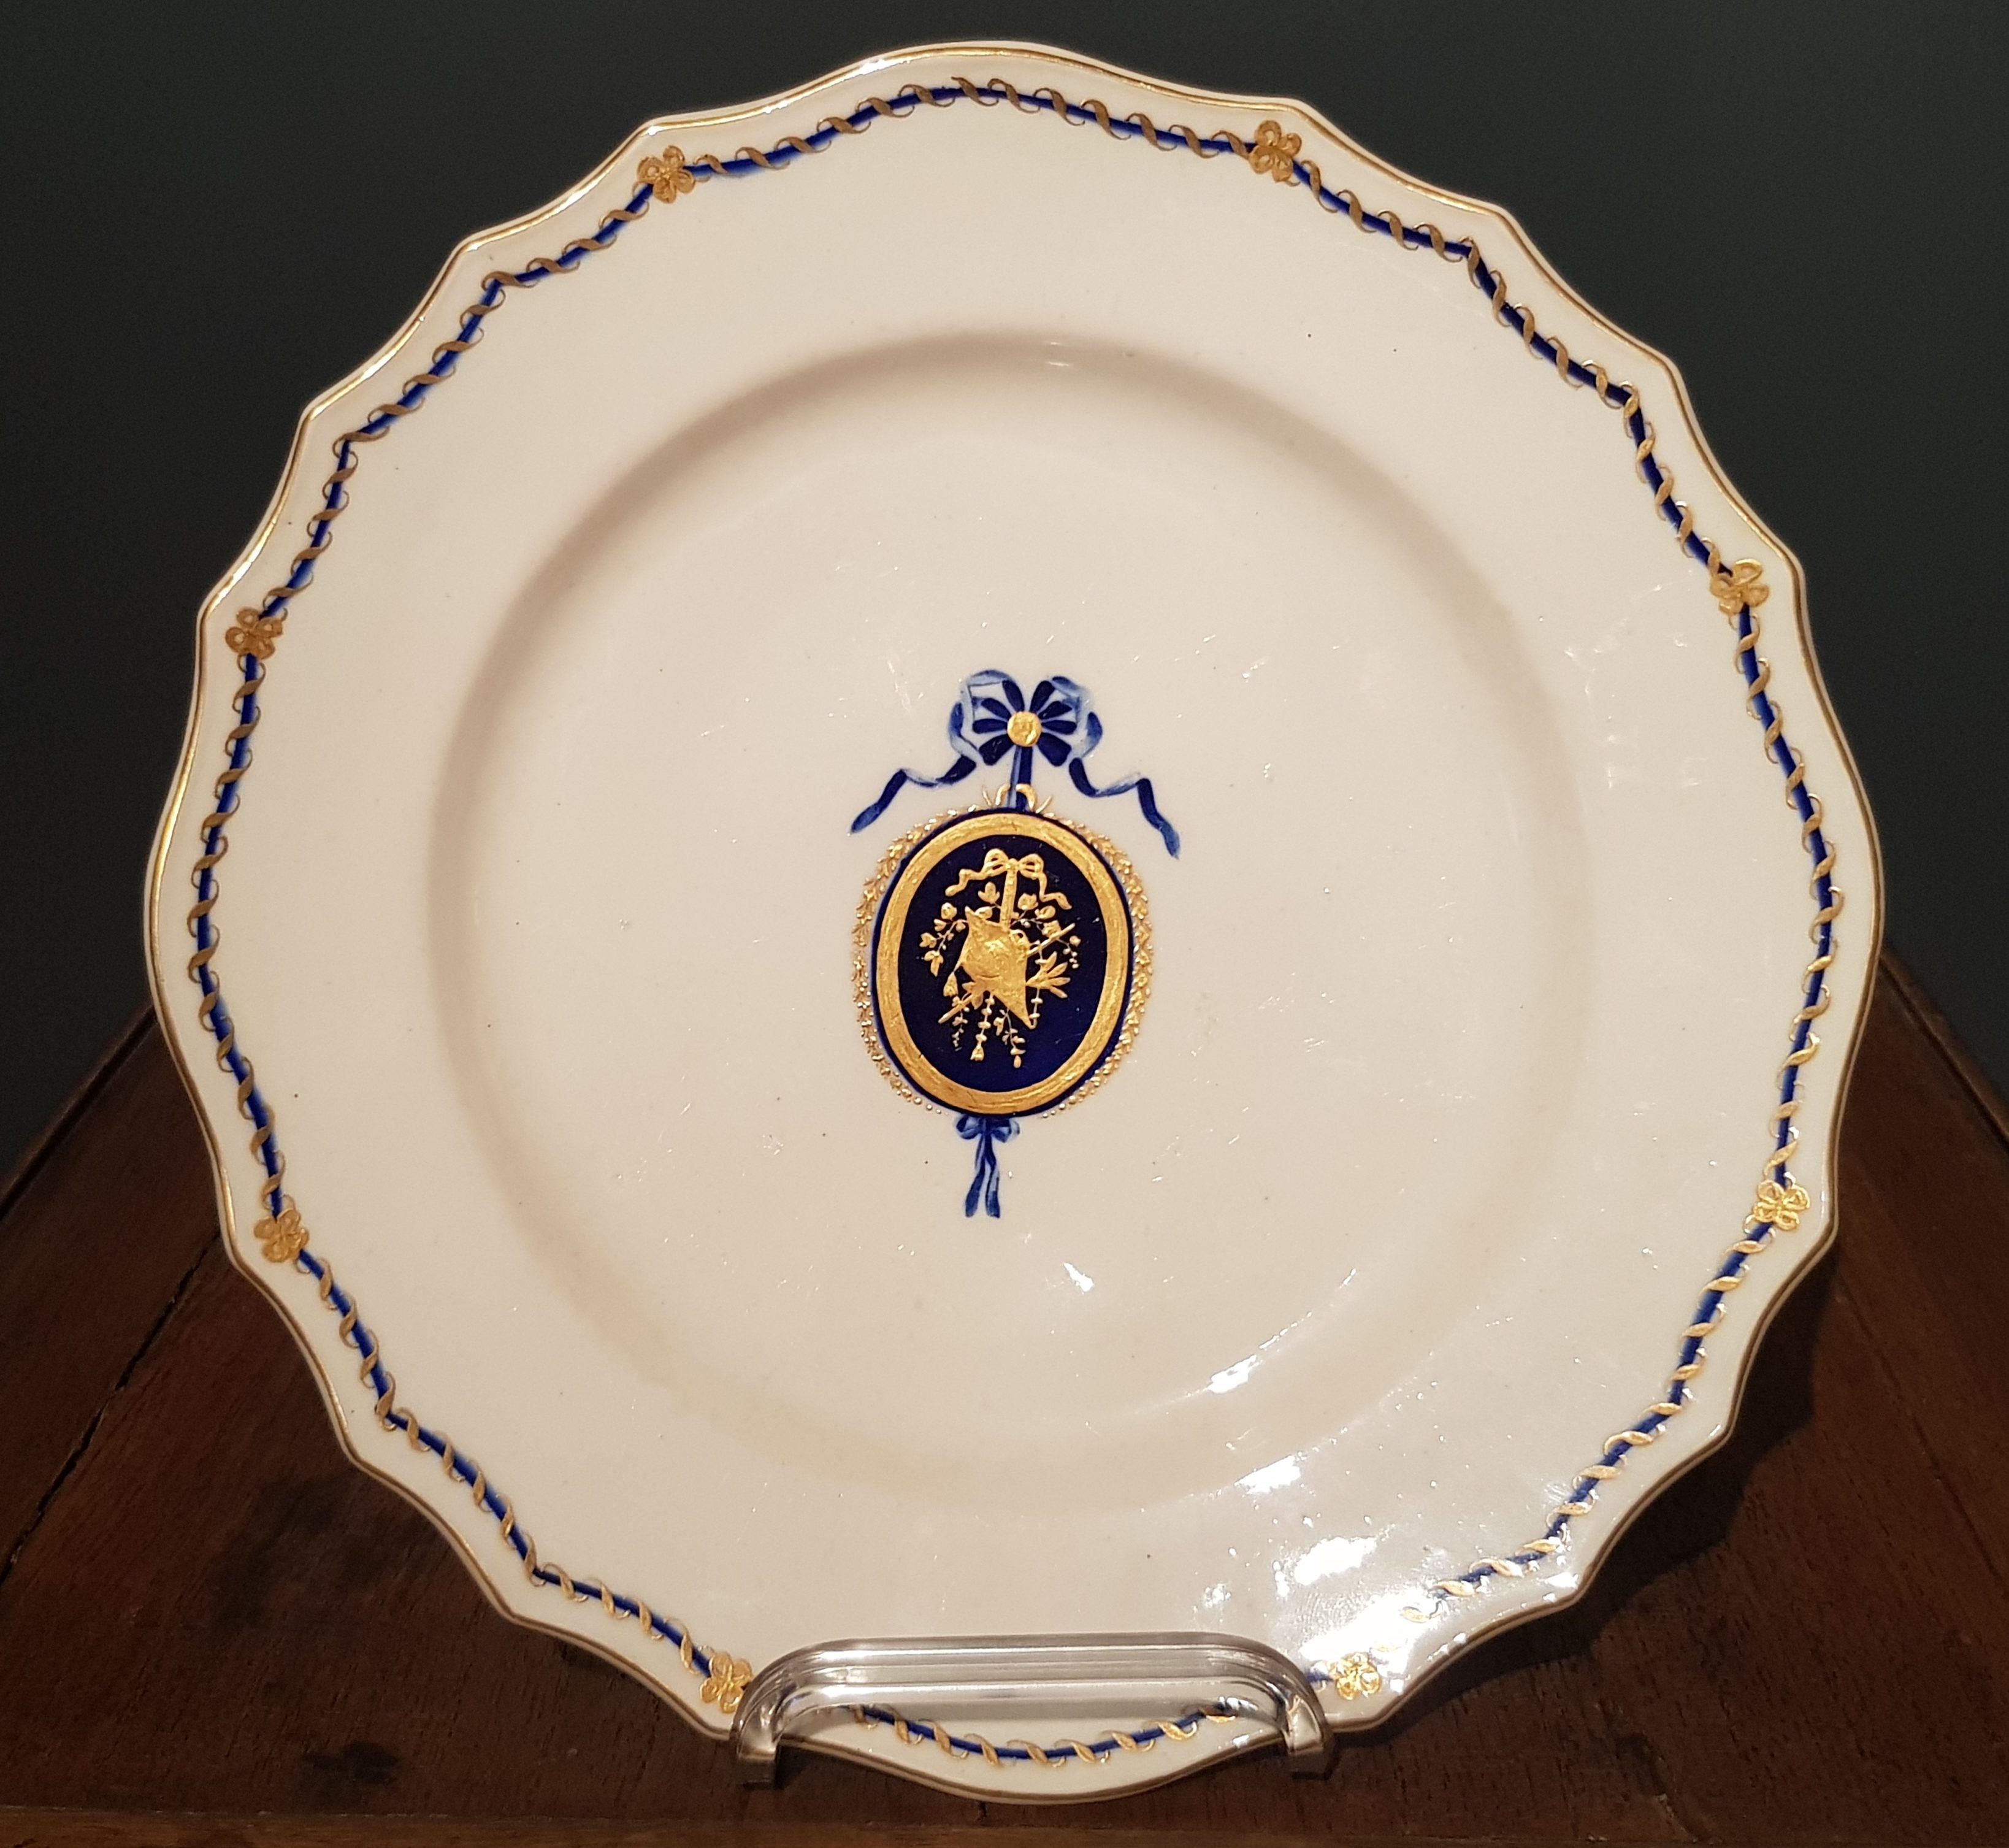 Assiette au Médaillon Louis XVI en Porcelaine de Tournai Image